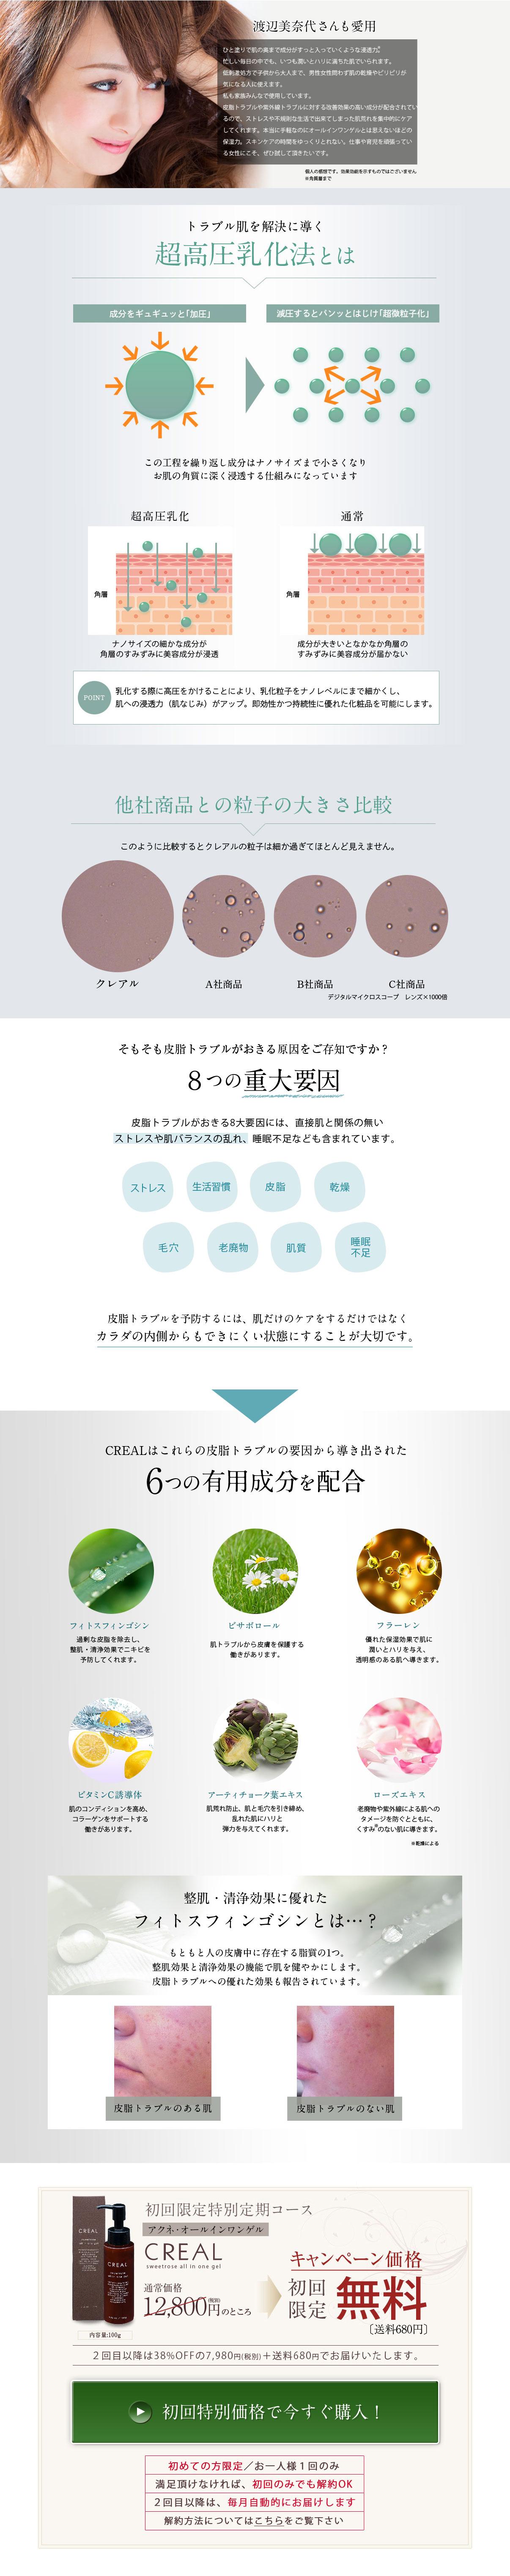 オールインワンゲル販売用ランディングページ(LP)デザイン・制作事例02